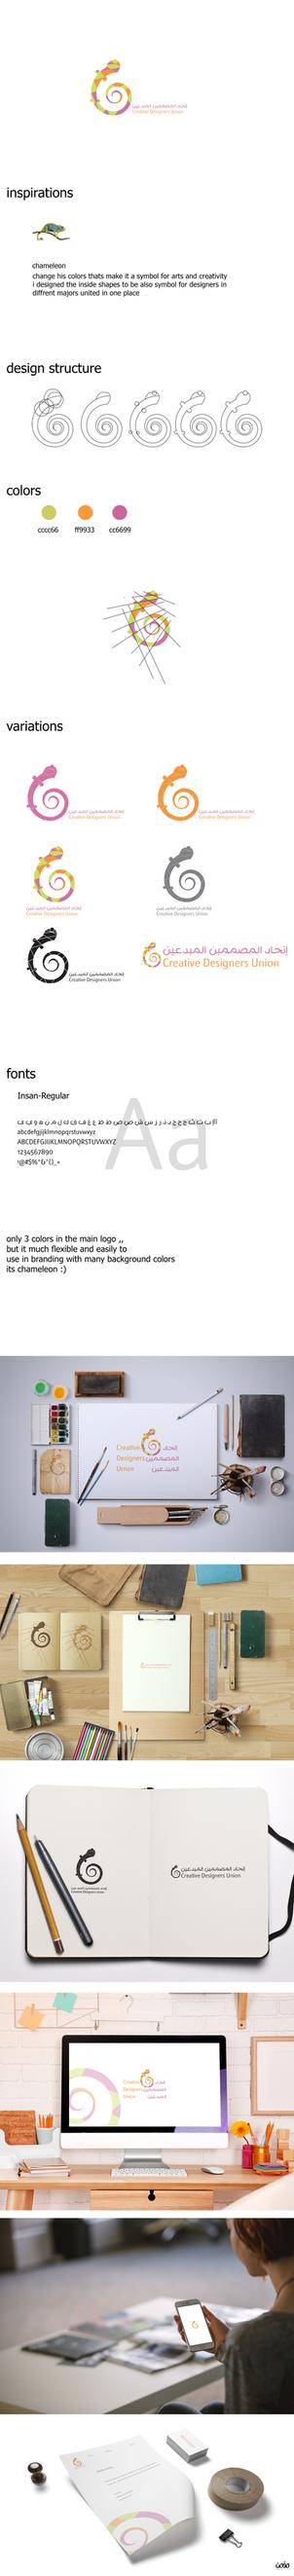 Creative Designers Union by momenarts